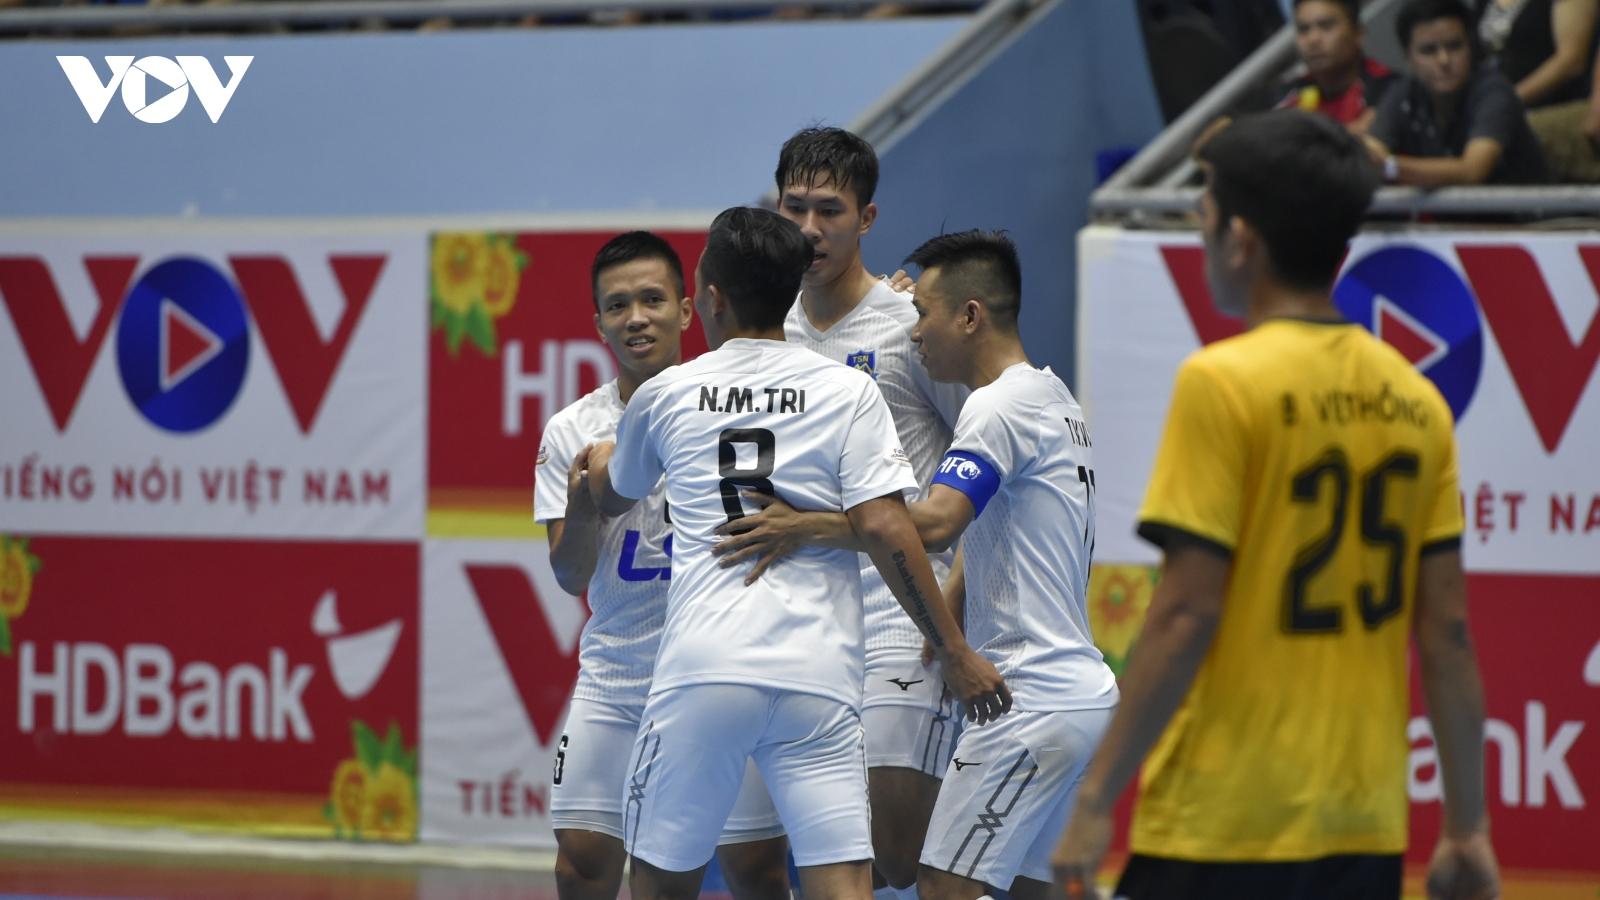 Giải Futsal HDBank VĐQG 2021: Thái Sơn Bắc và Thái Sơn Nam thắng nhọc